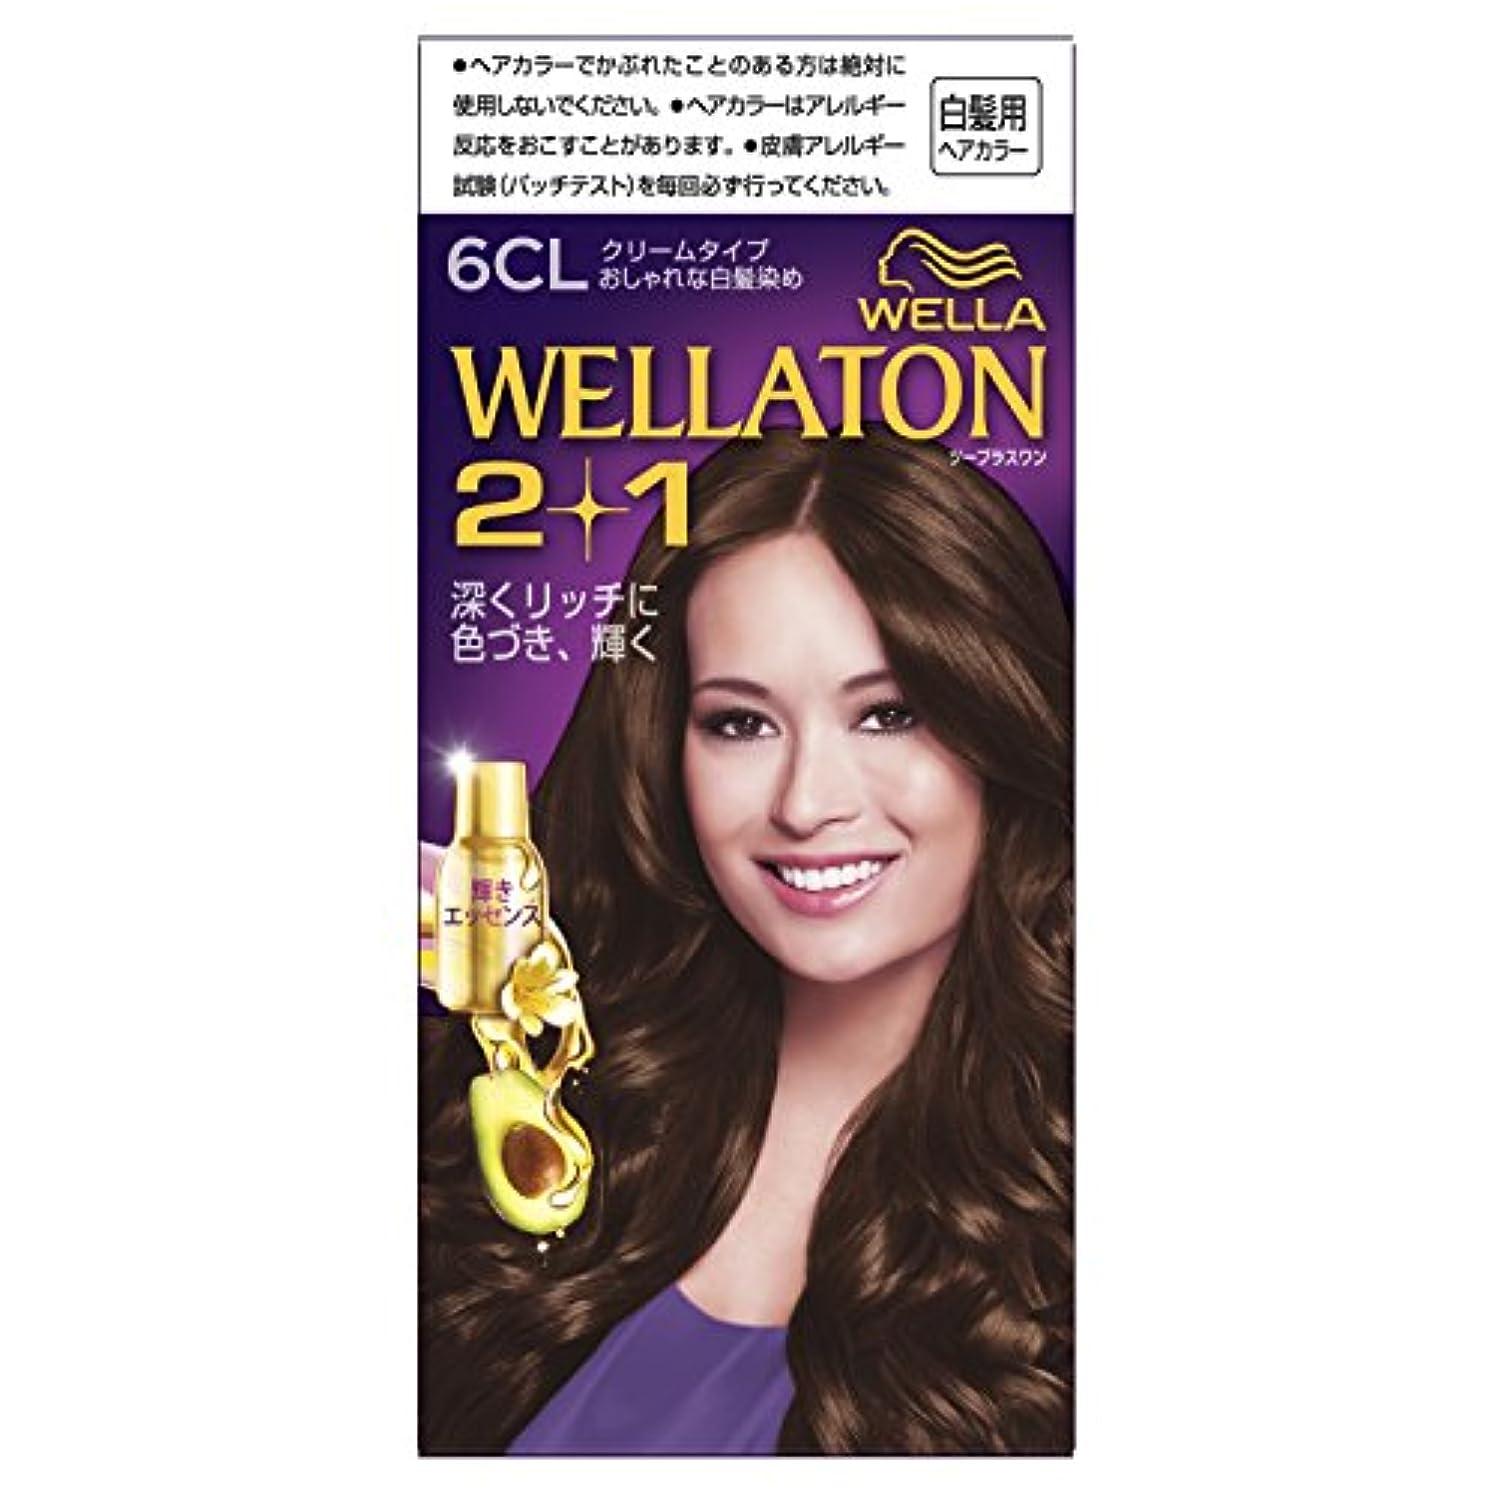 ゆるいマニアネコウエラトーン2+1 クリームタイプ 6CL [医薬部外品](おしゃれな白髪染め)